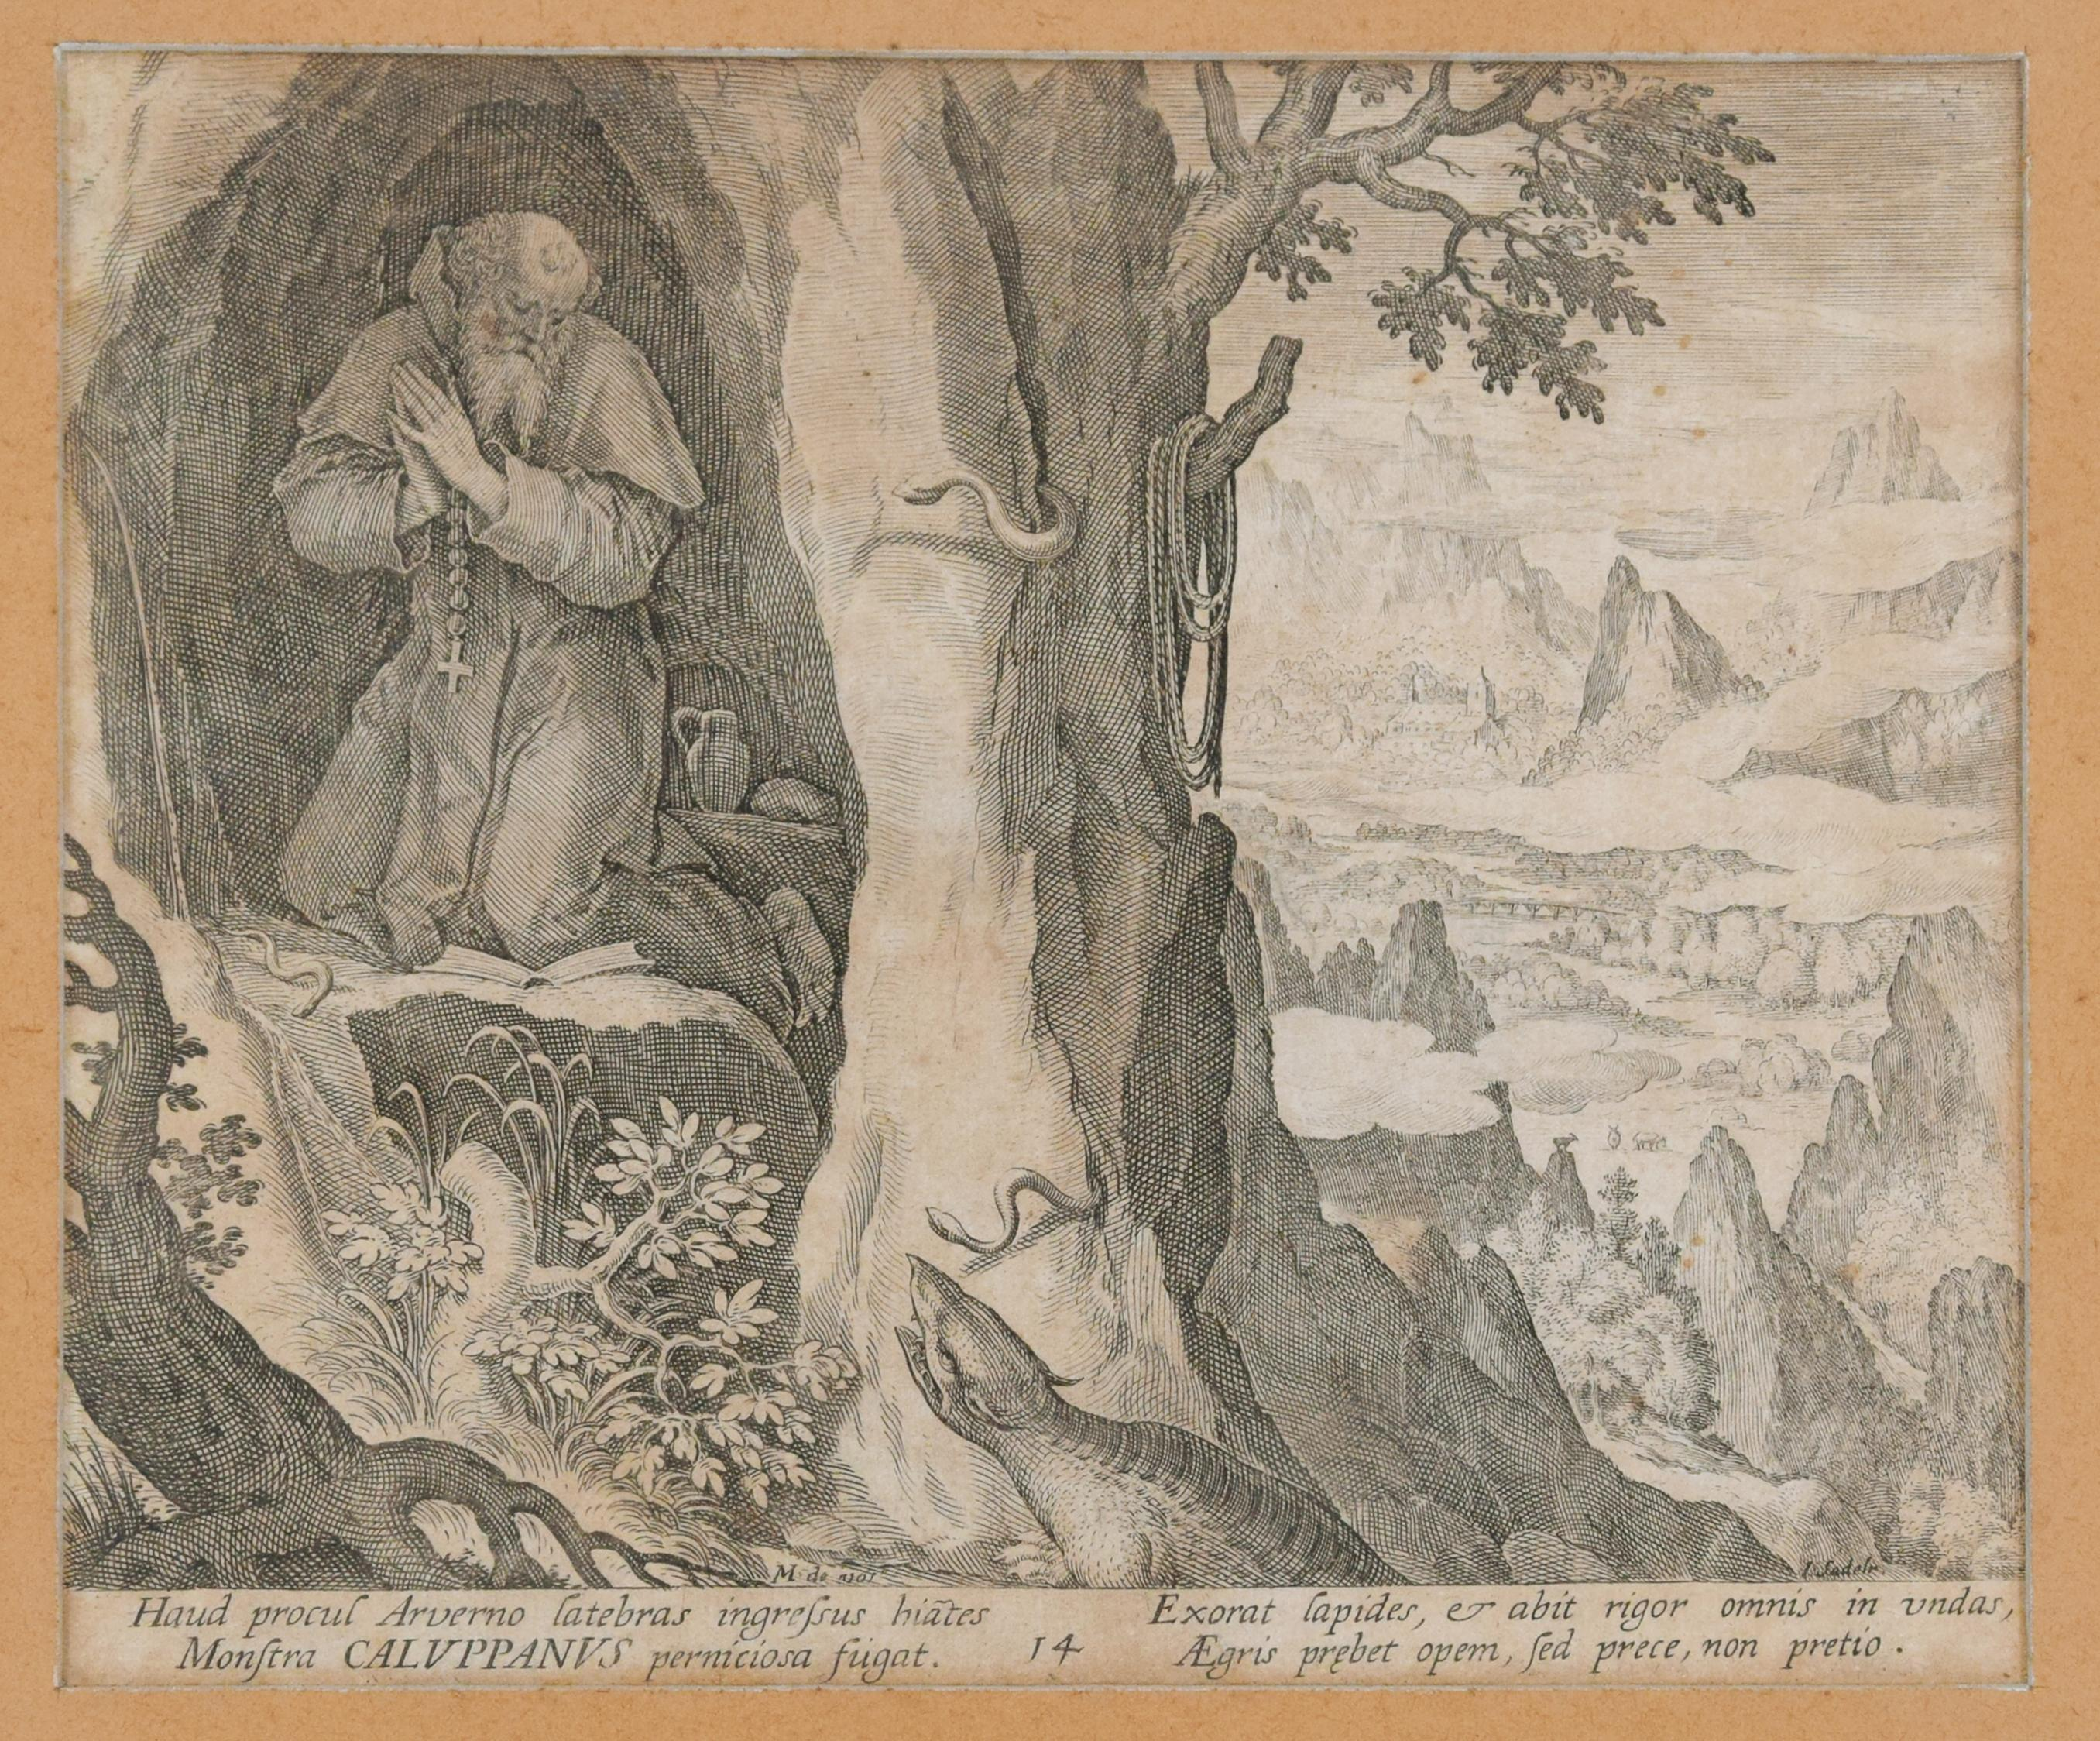 Caluppanus - Original Etching by Johannes Sadeler